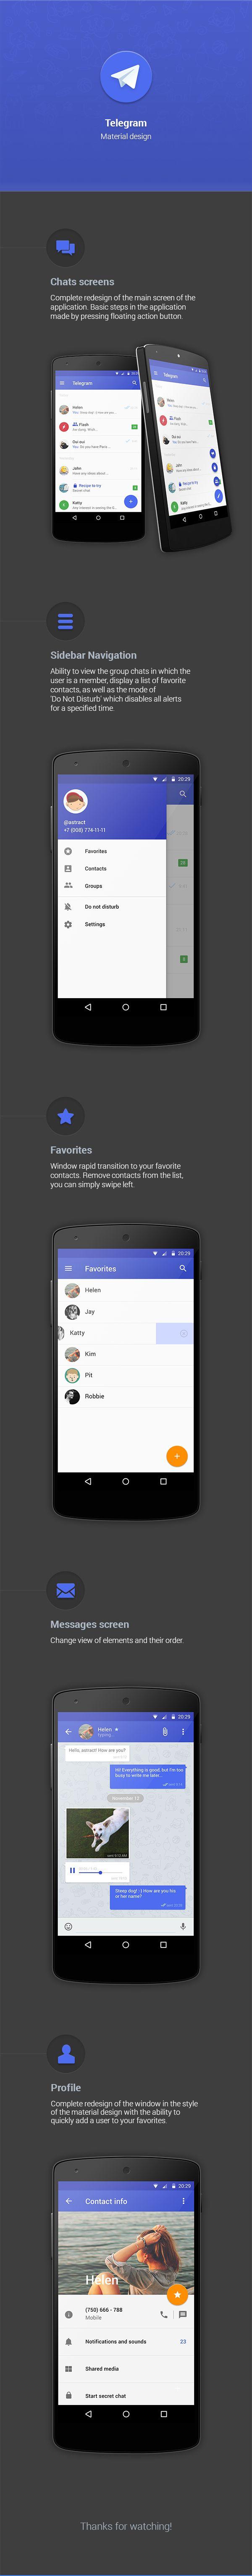 Telegram Material design for Android (2014) on Behance